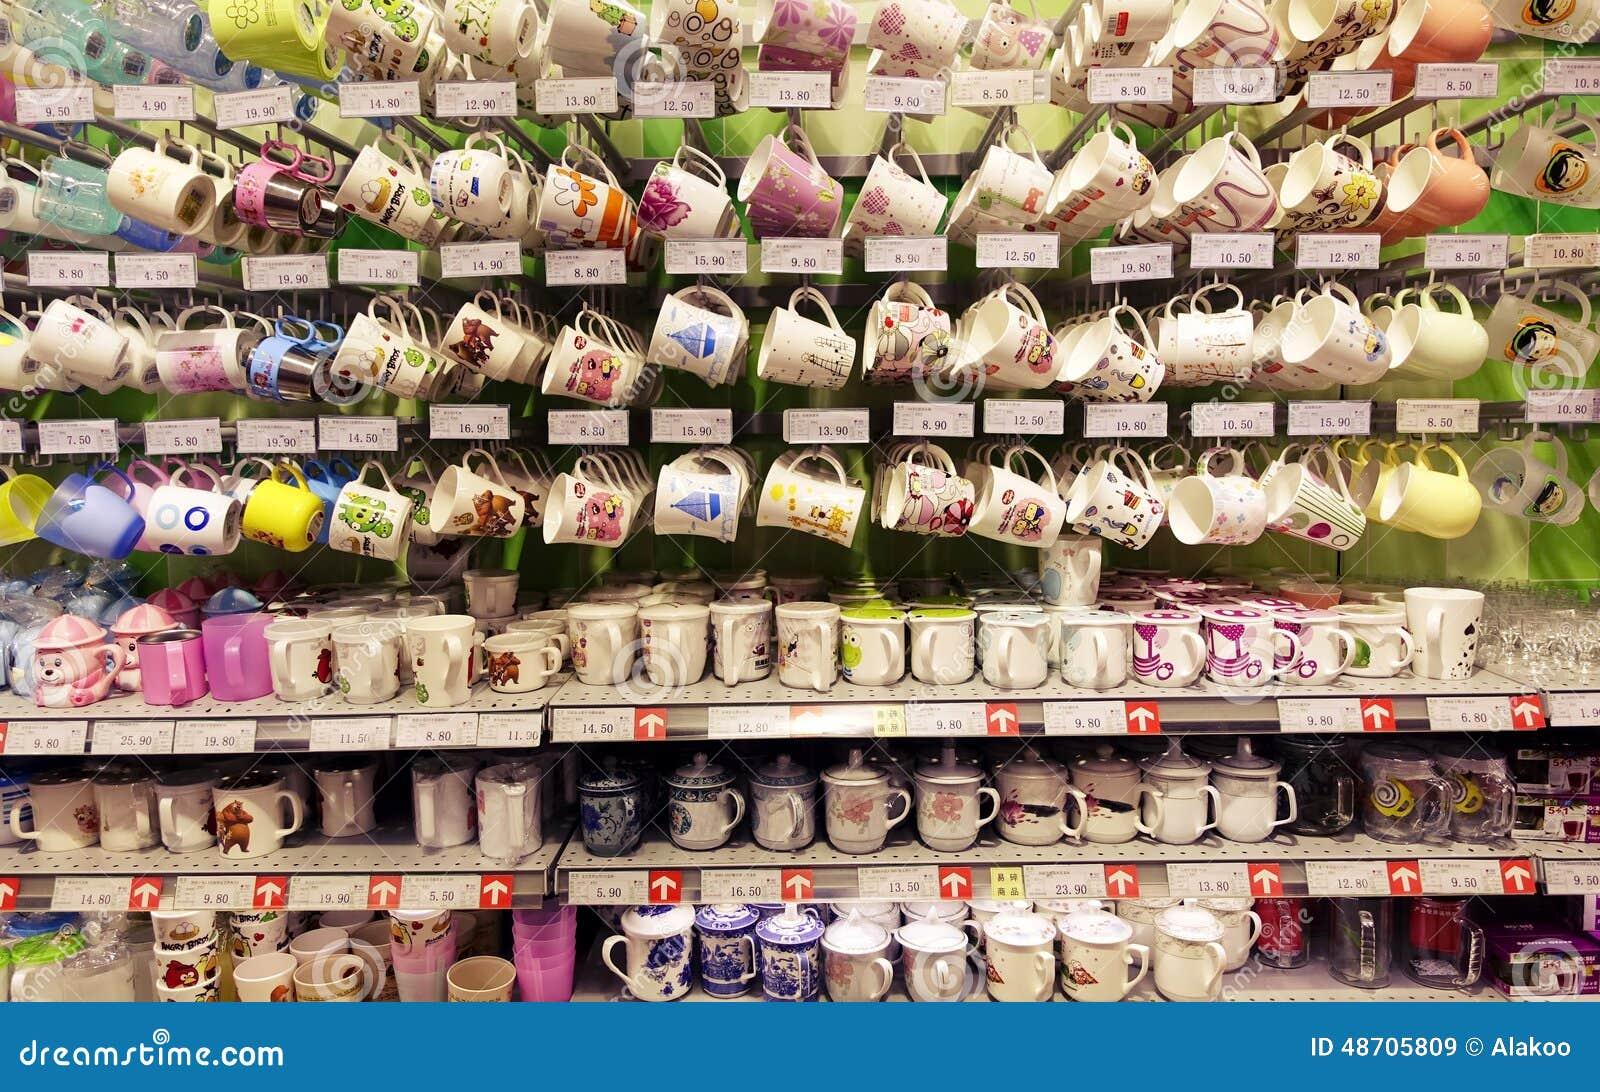 cup retail store shop supermarket